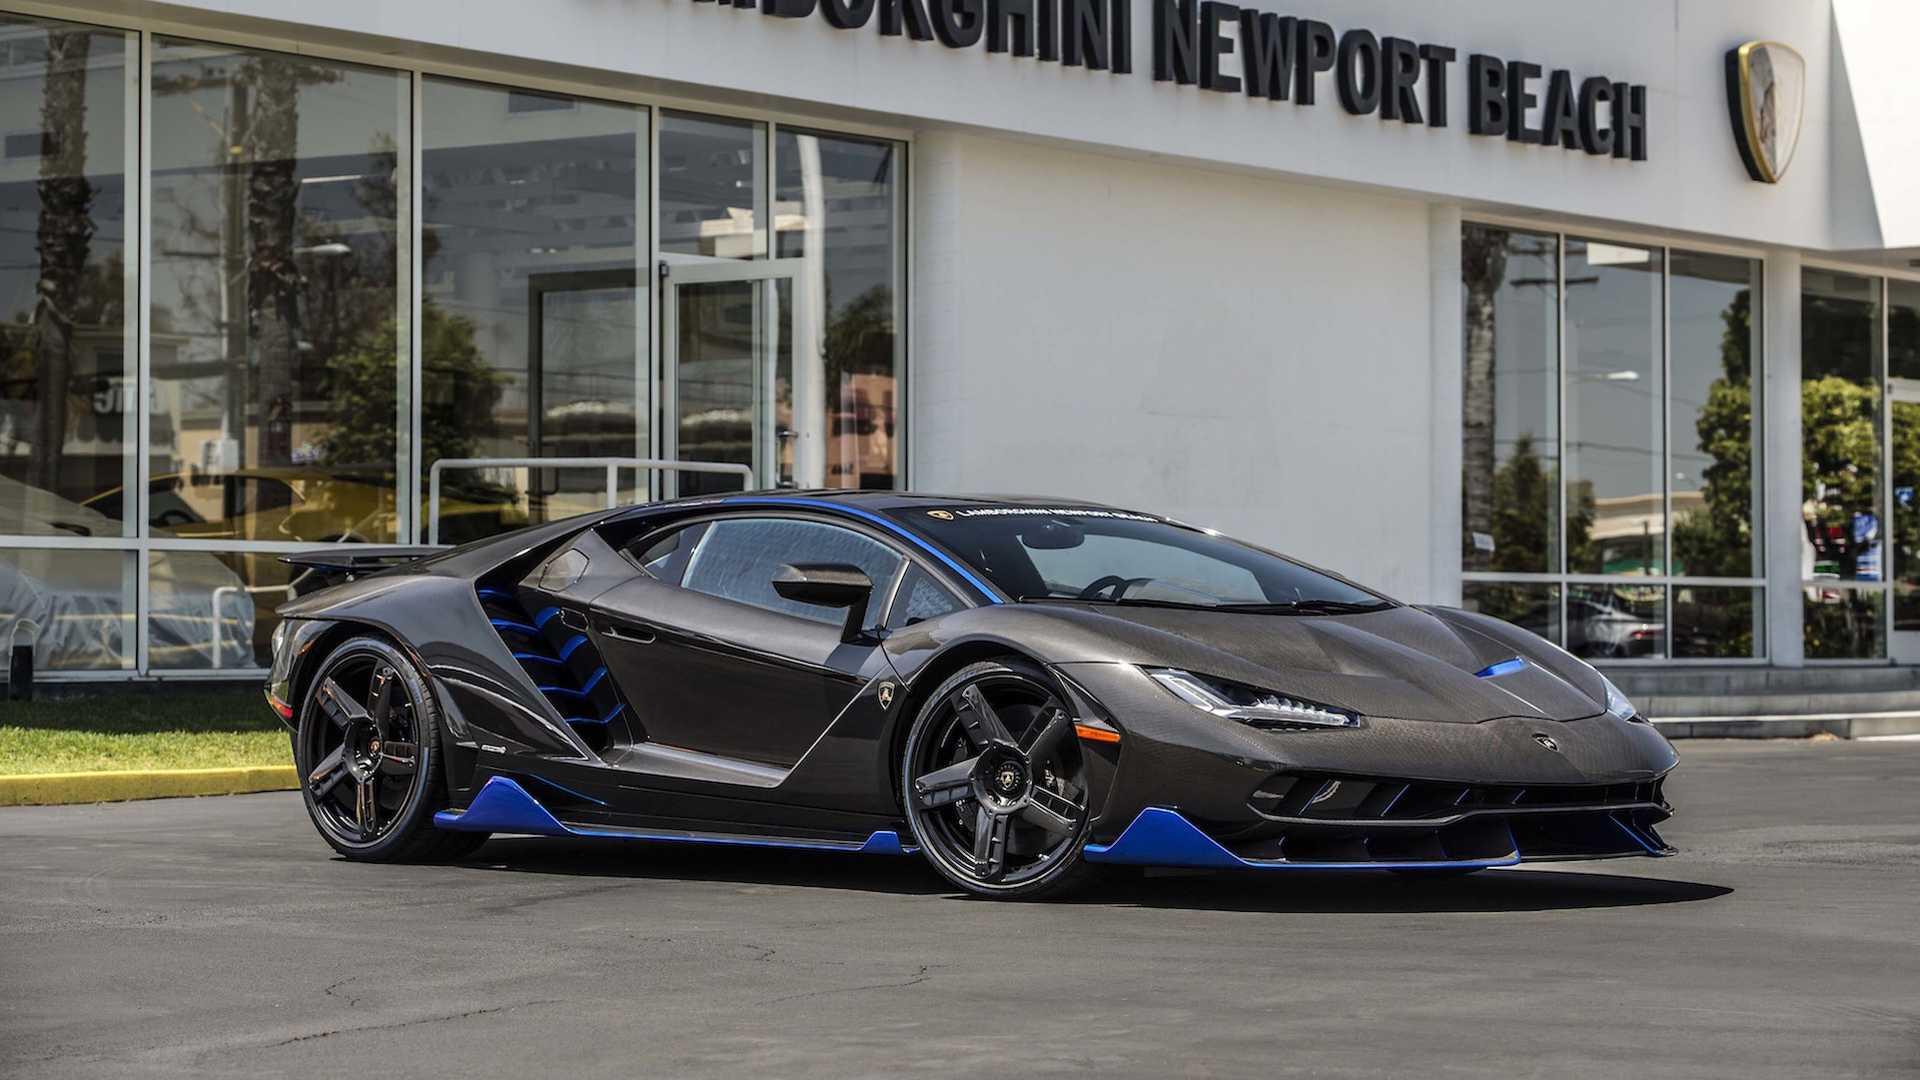 Lamborghini Centenario Wallpaper Idée Dimage De Voiture